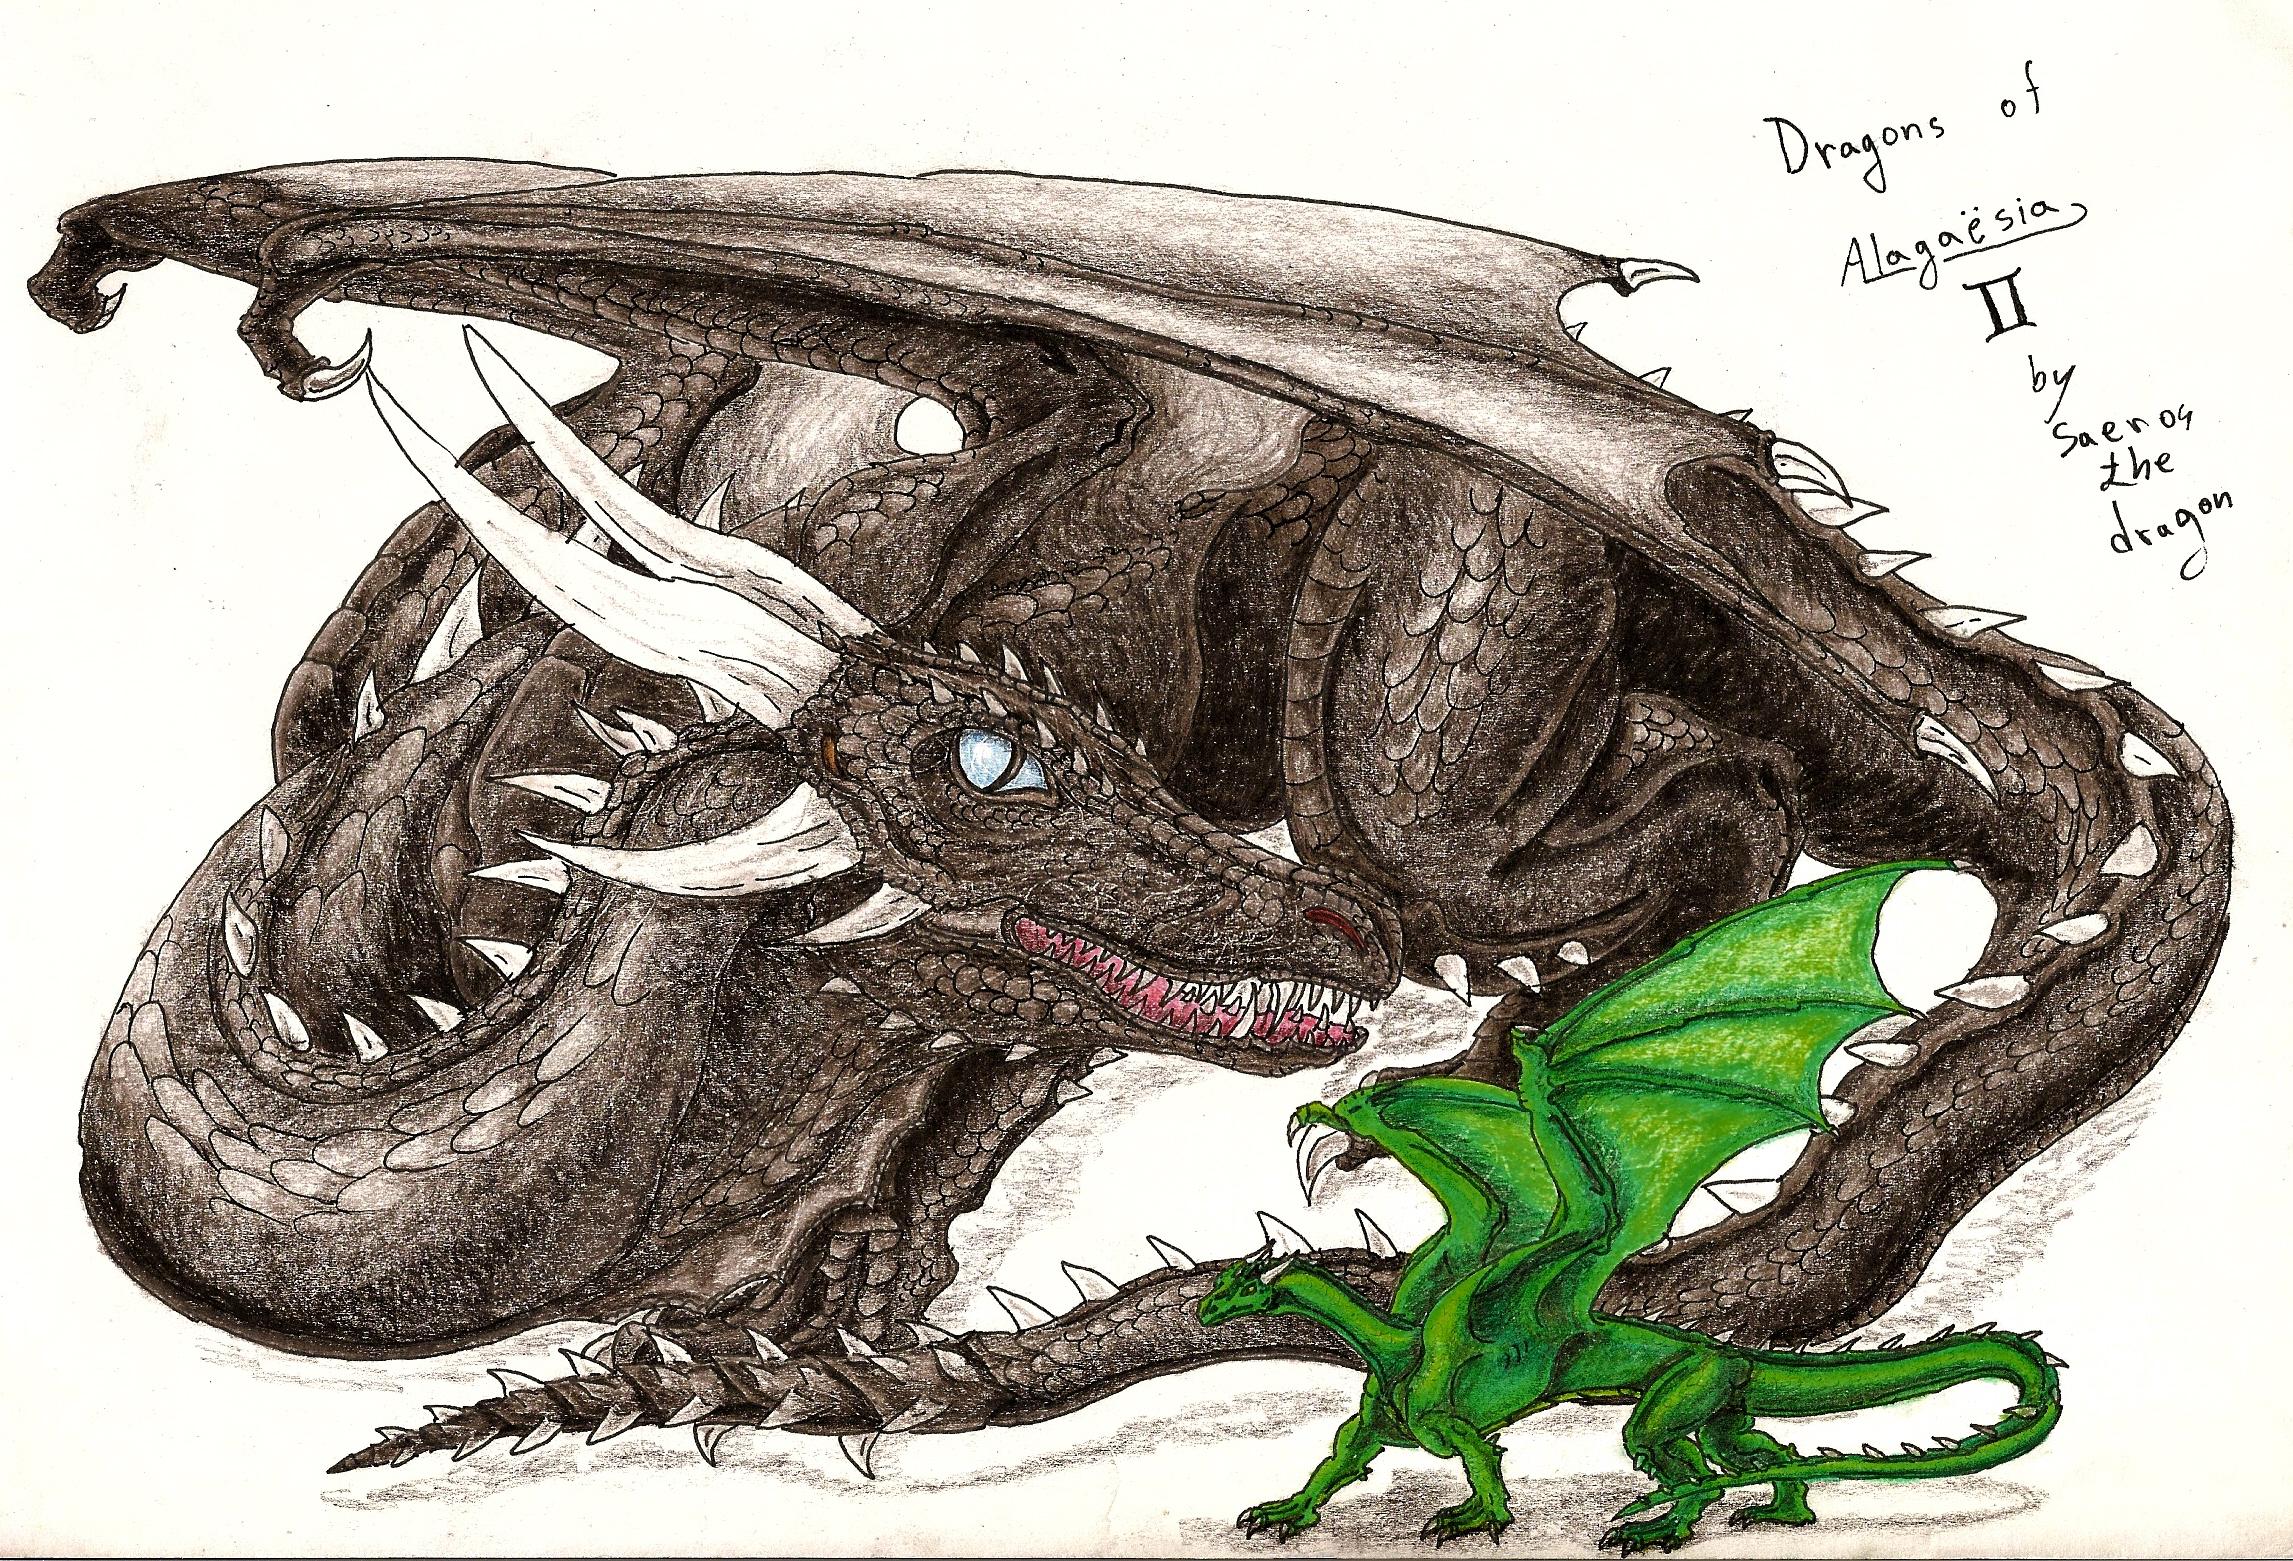 Dragons of Alagaesia II by Saeros2006 - 2956.9KB